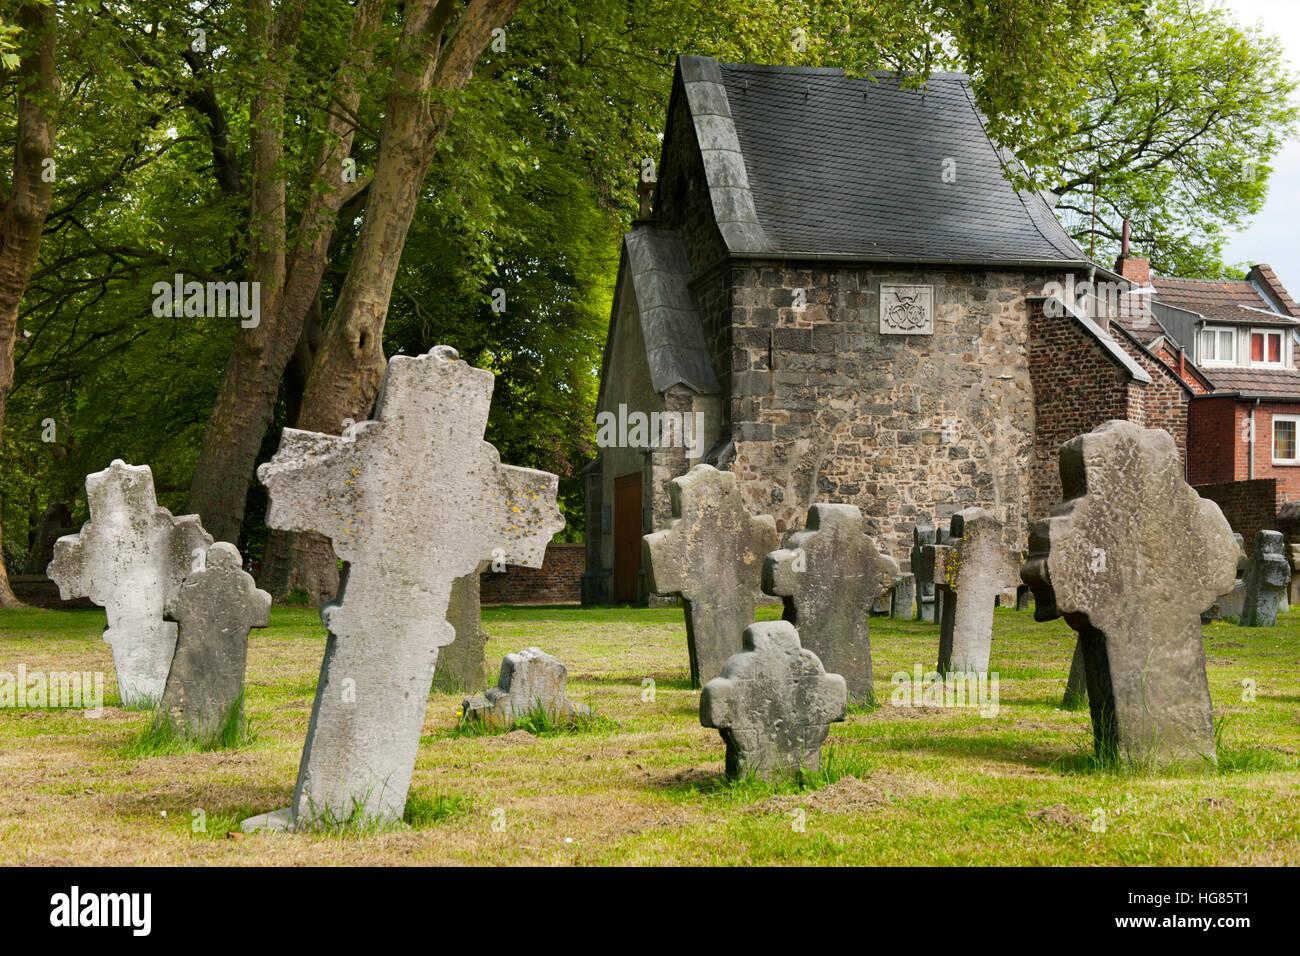 Deutschland, NRW, Städteregion Aachen, Alsdorf, steinernen Grabkreuze in der Nähe der Burg, bei der Kriegergedächtniskapelle. Diese ist ein Rest der ä Stock Photo